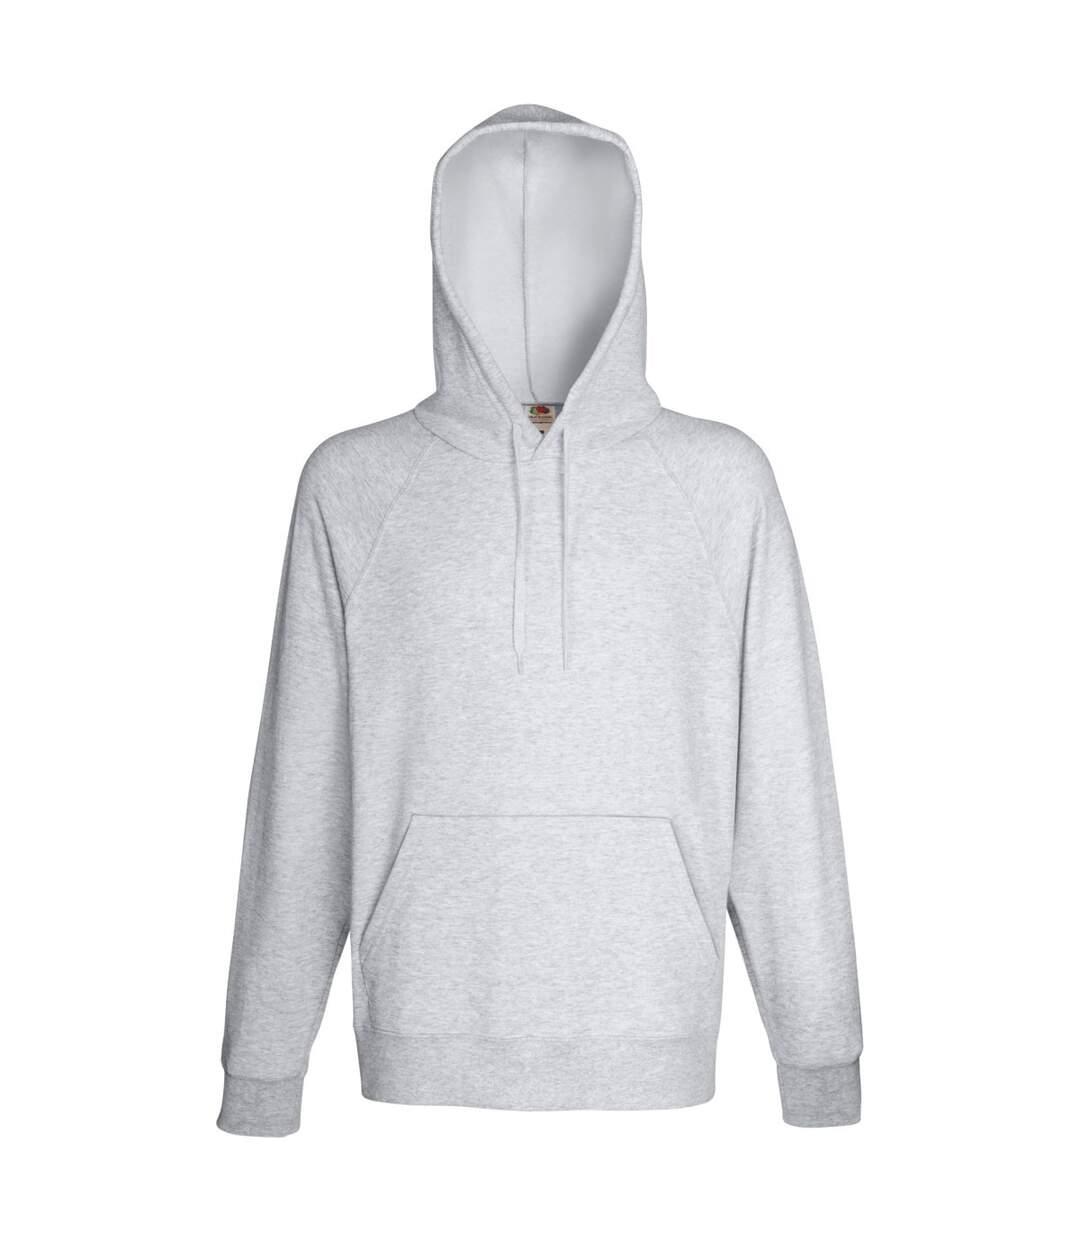 Fruit Of The Loom Mens Lightweight Hooded Sweatshirt / Hoodie (240 GSM) (Heather Grey) - UTBC2654